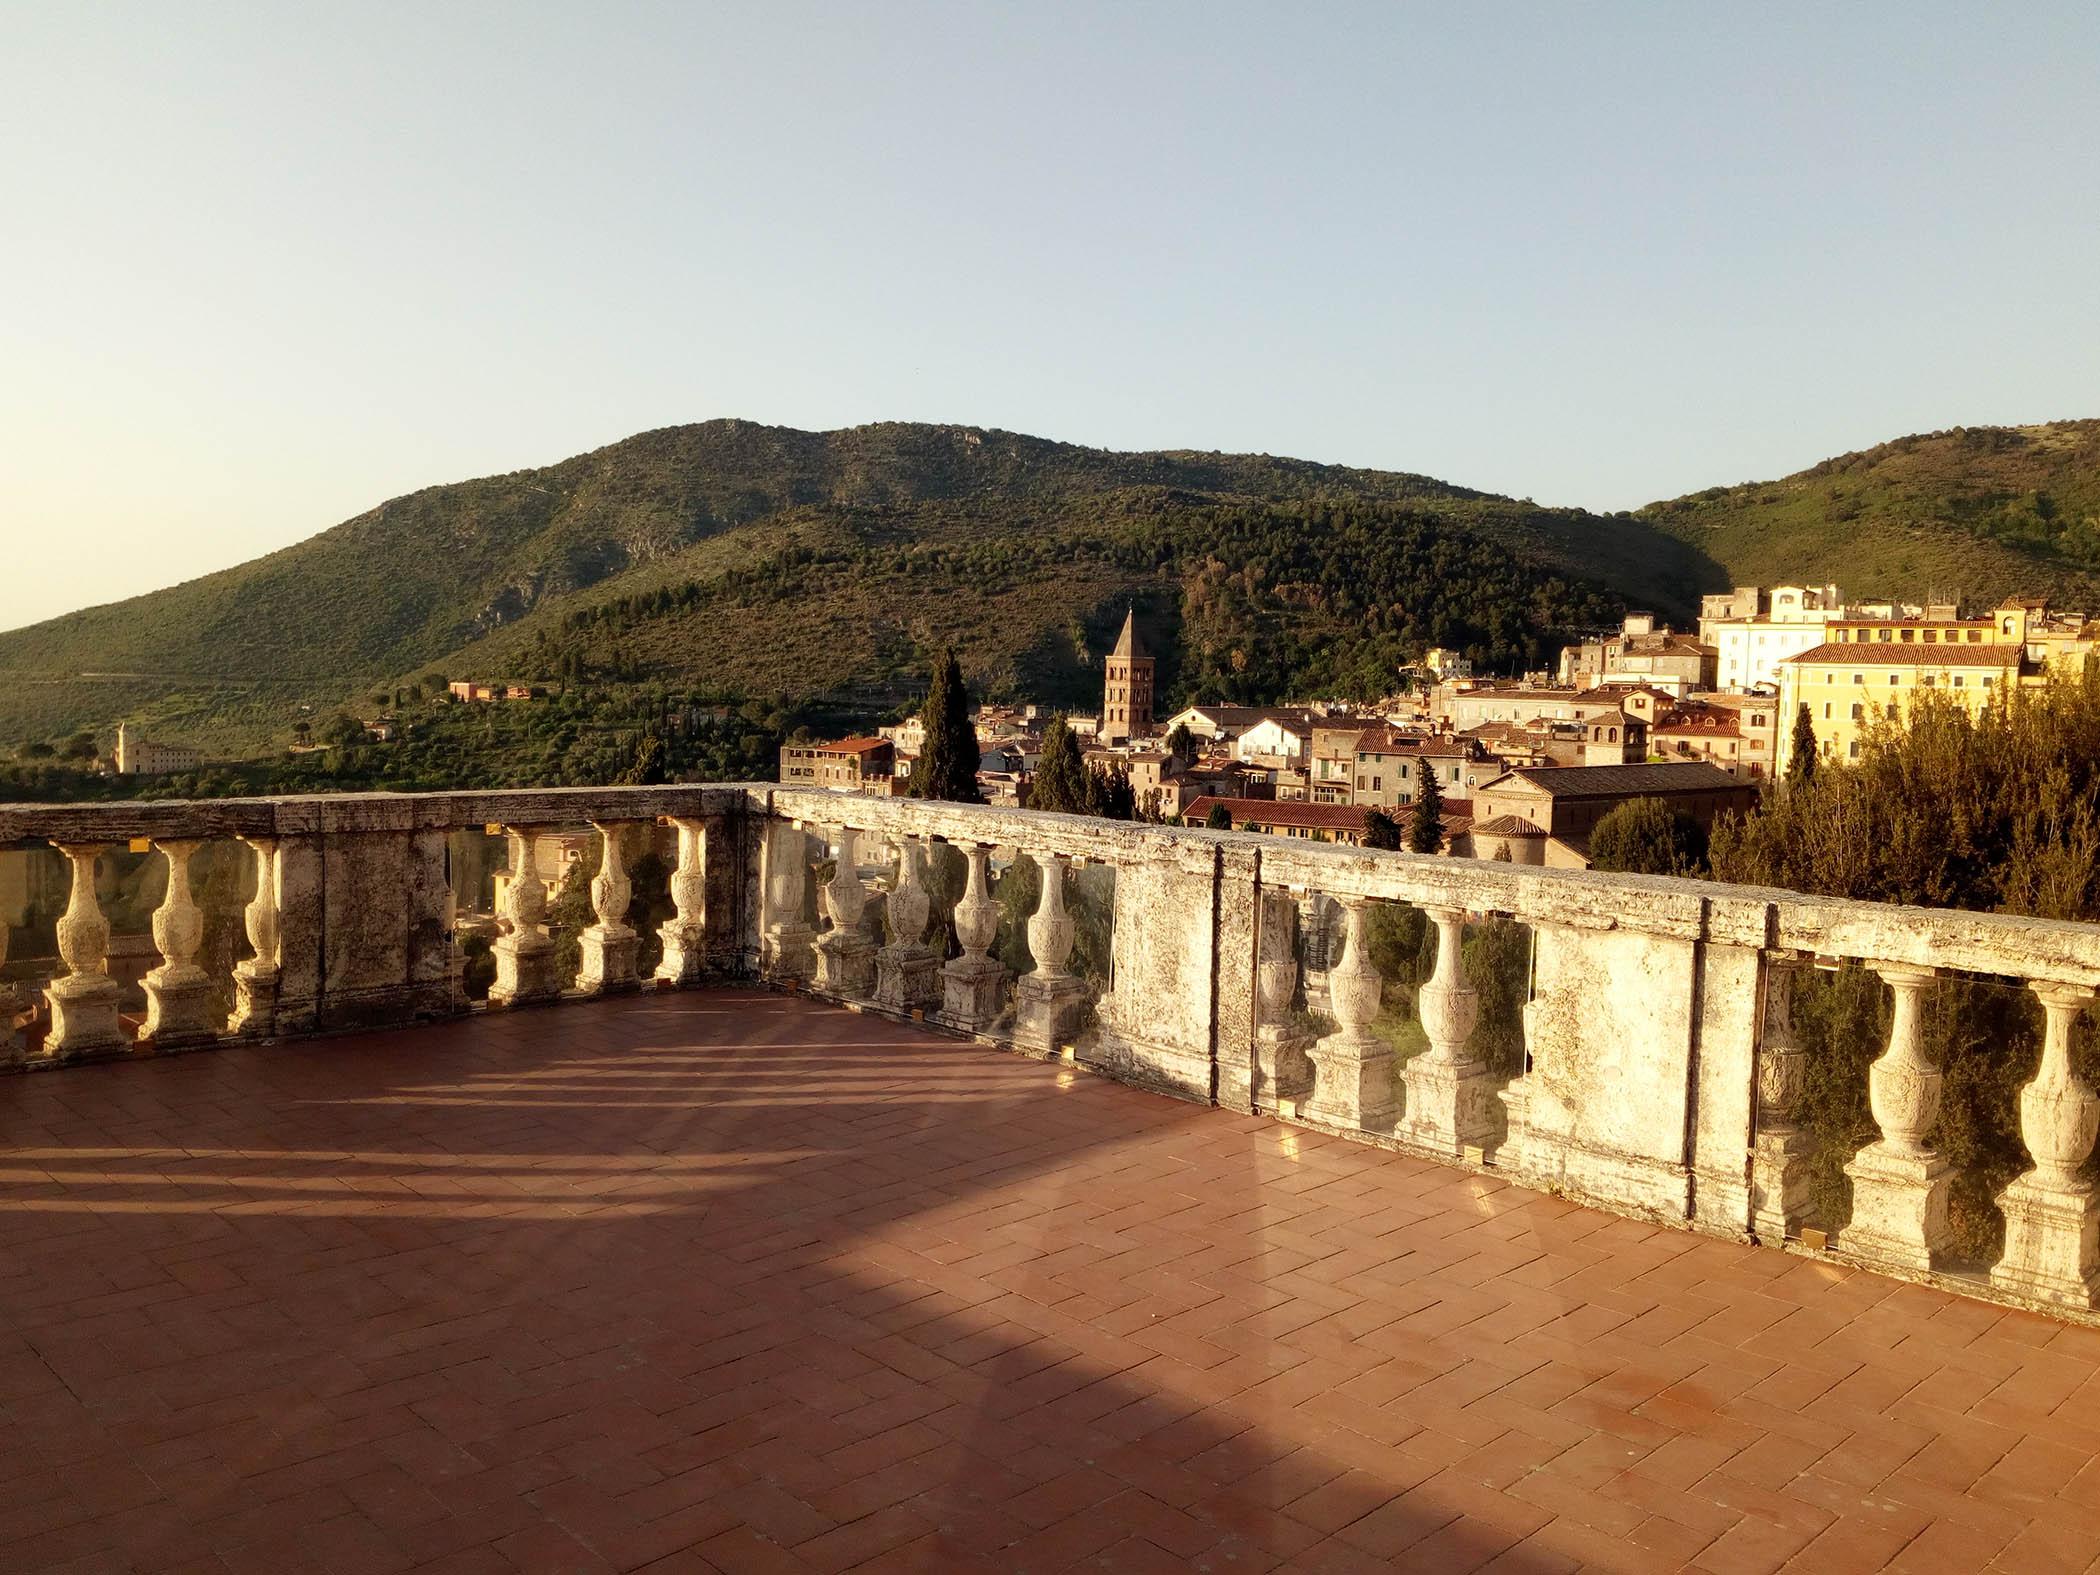 Terrace in villa d'Este Tivoli - Lazio private tour